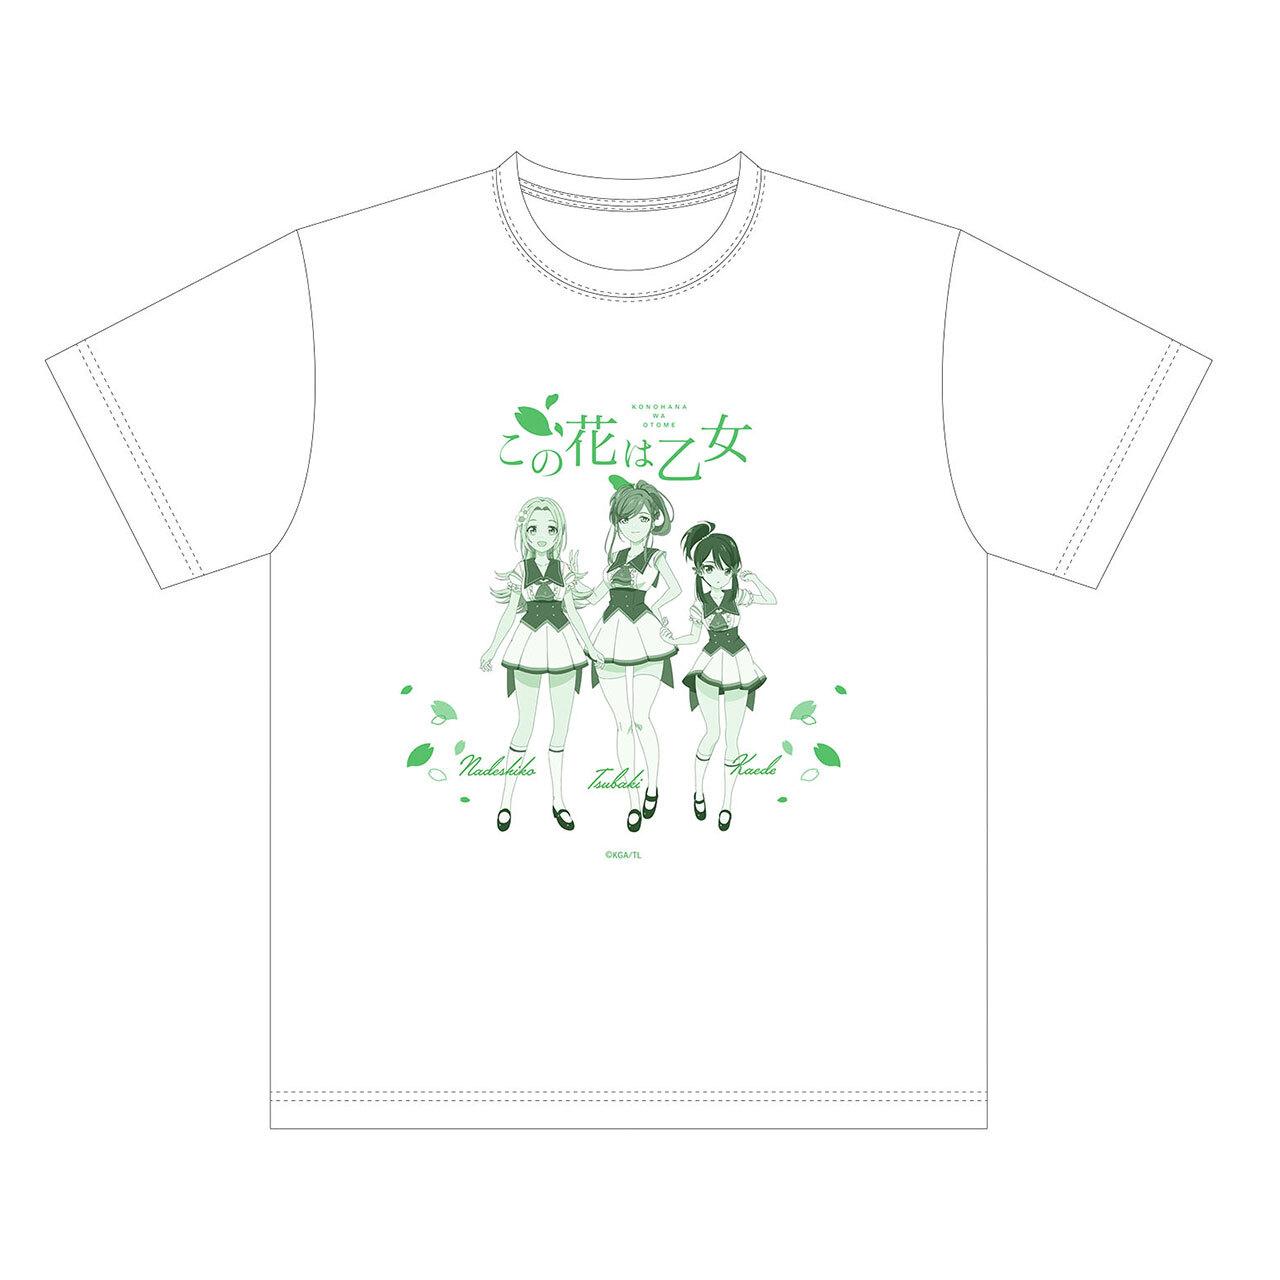 【4589839354493予】ラピスリライツ この花は乙女 Tシャツ 白/Mサイズ